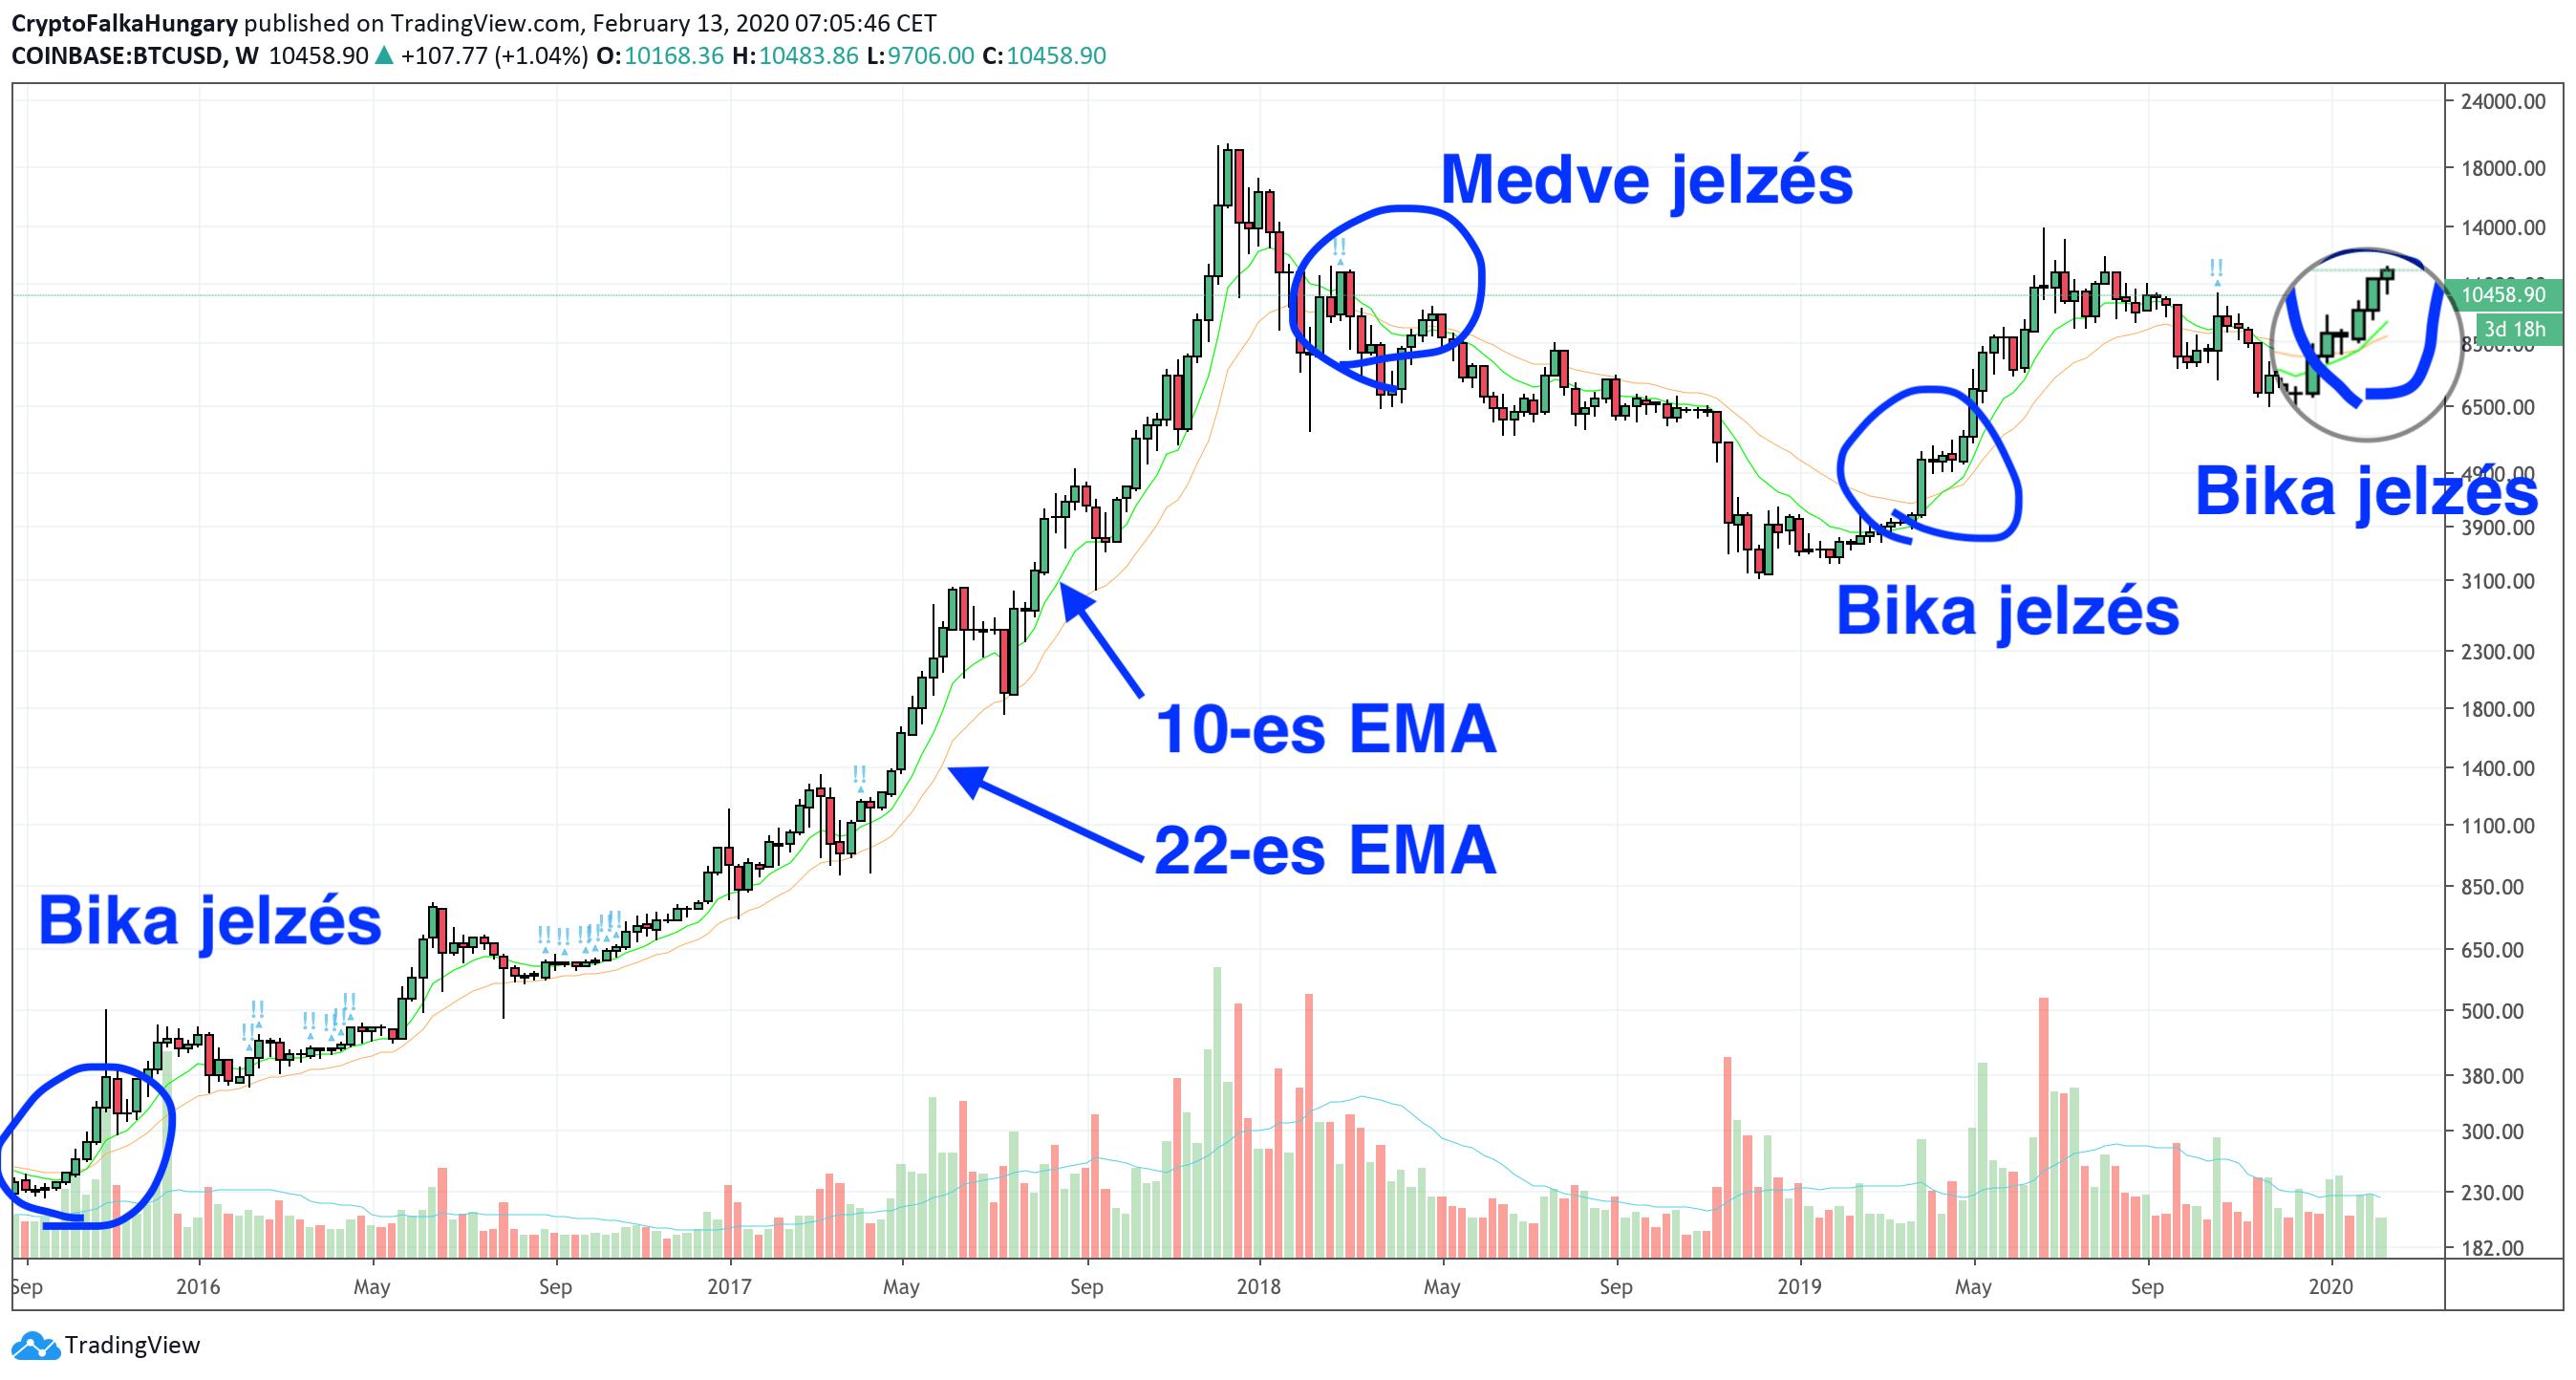 Bitcoin bika piac technikai elemzés cryptofalka